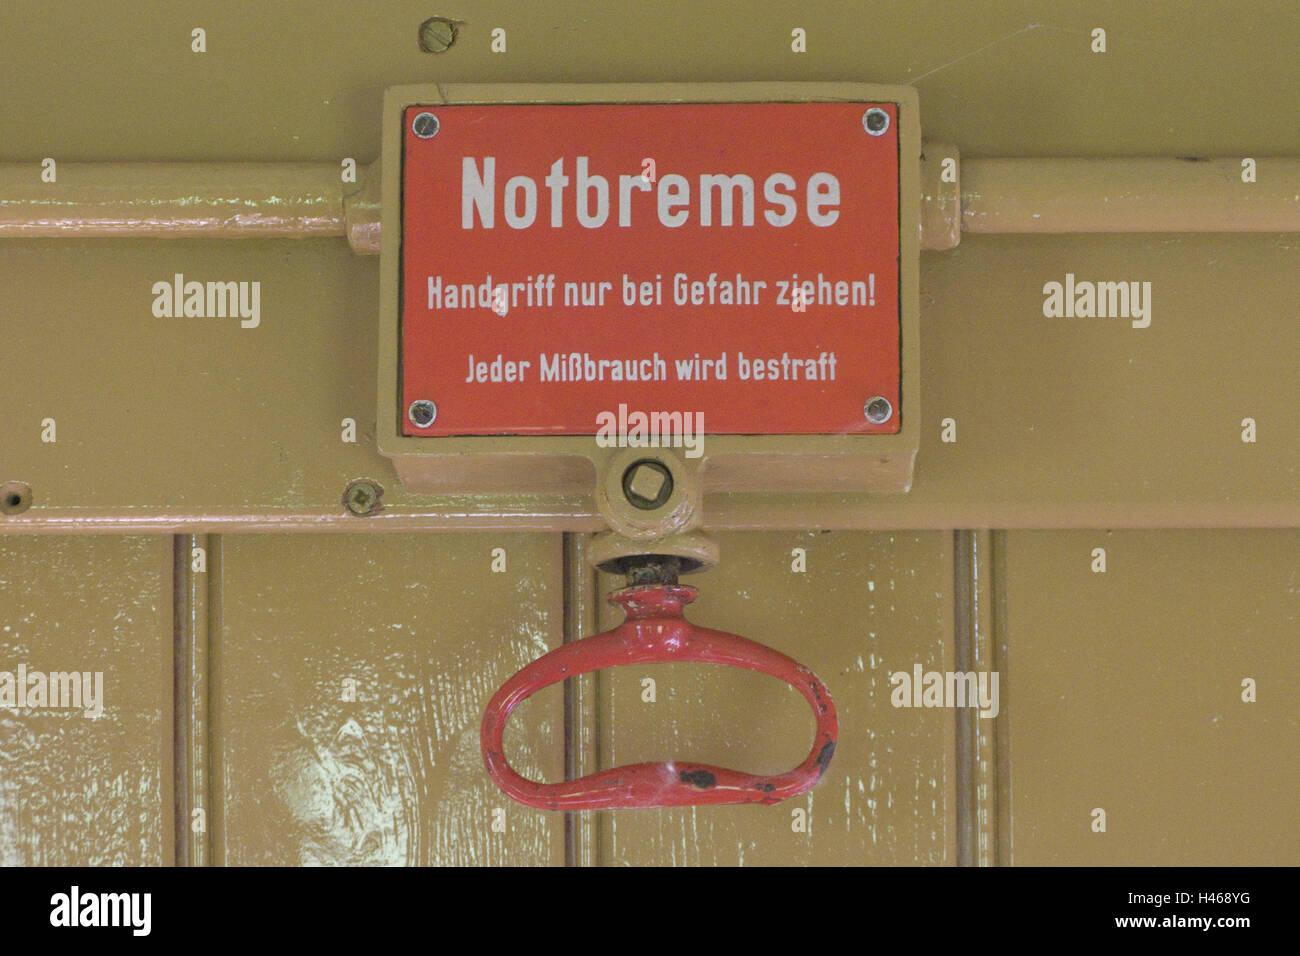 Zug, eklatante Foul, Detail, Eisenbahn, Zeichen, Tipp, Zeichen, rot, Aufschrift, Label, Notfall, Bremse, Griff, Stockbild